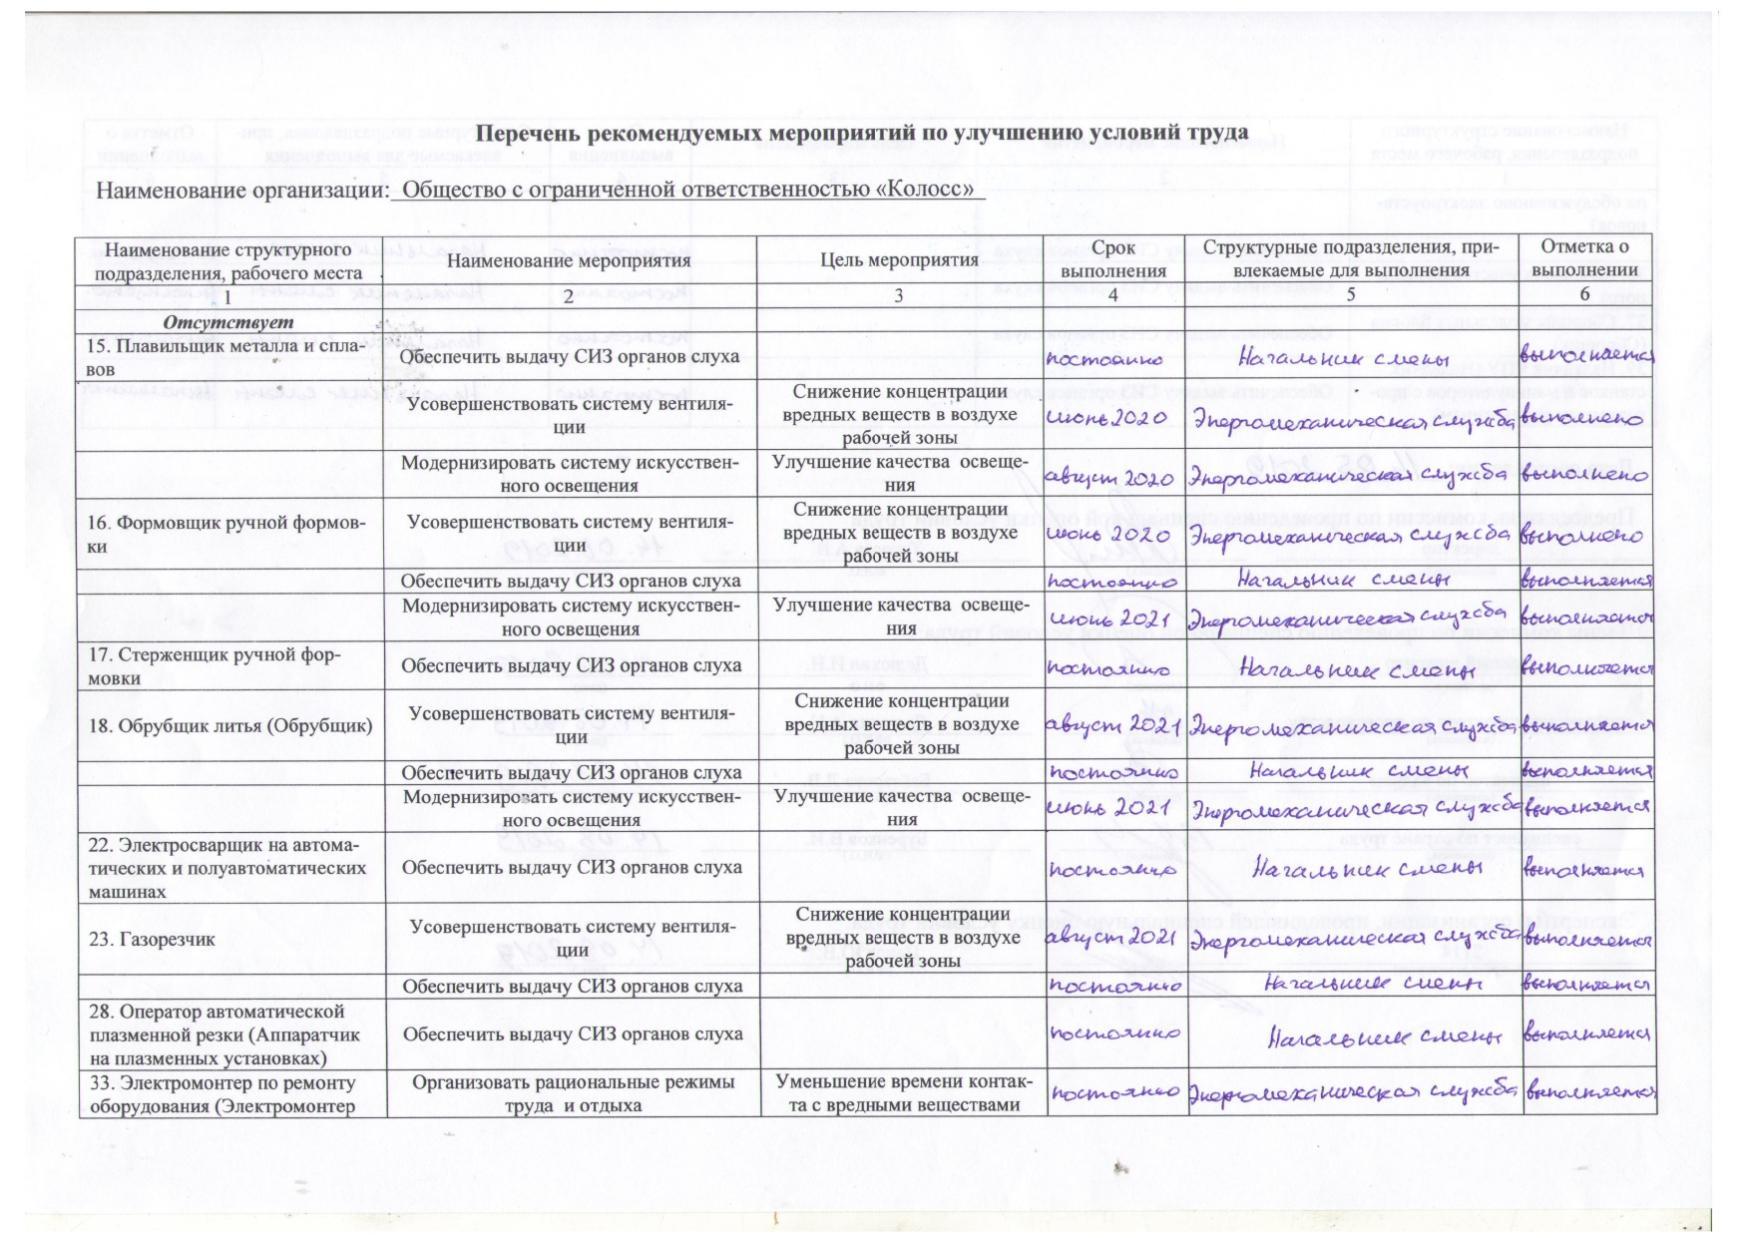 Перечень мероприятий по улучшению условий труда-1